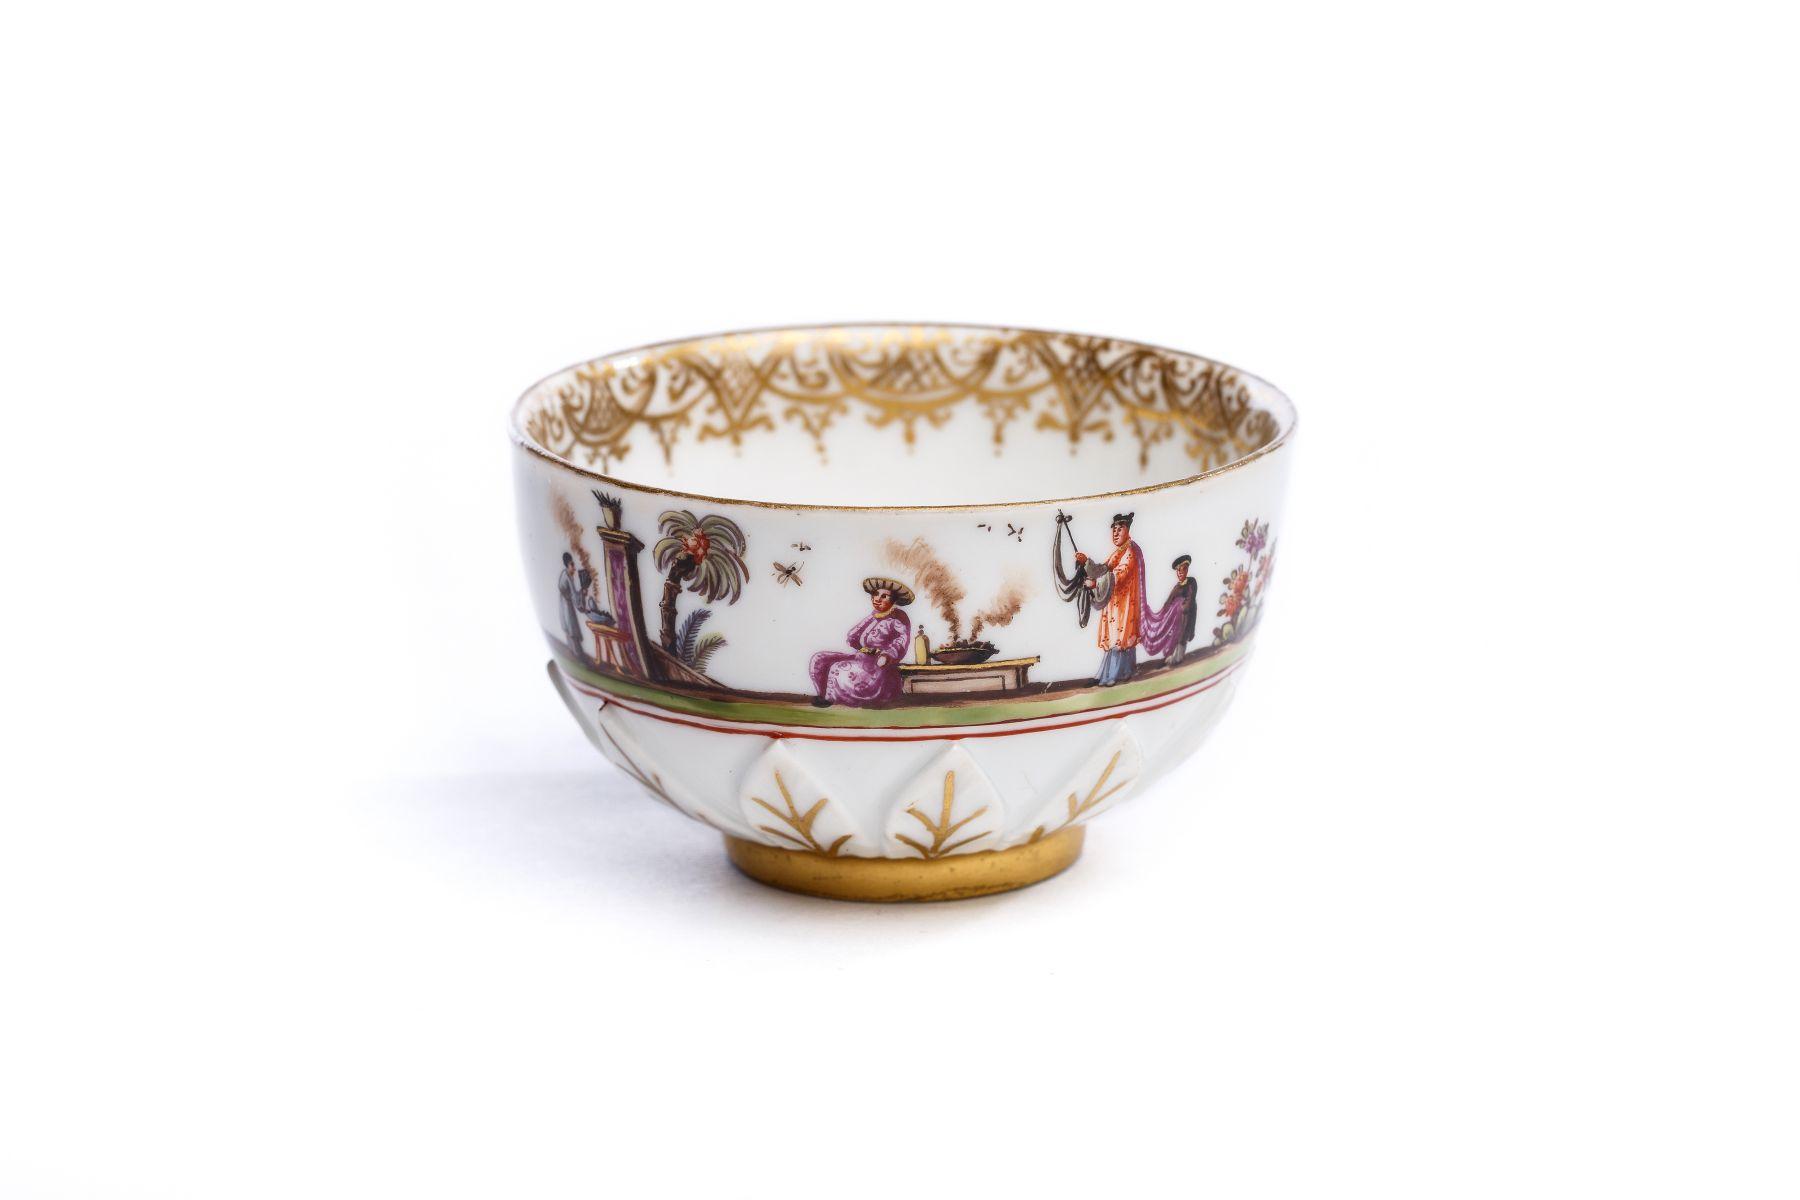 #23 Bowl without Saucer, Meissen 1739 | Koppchen, Meissen 1739 Image